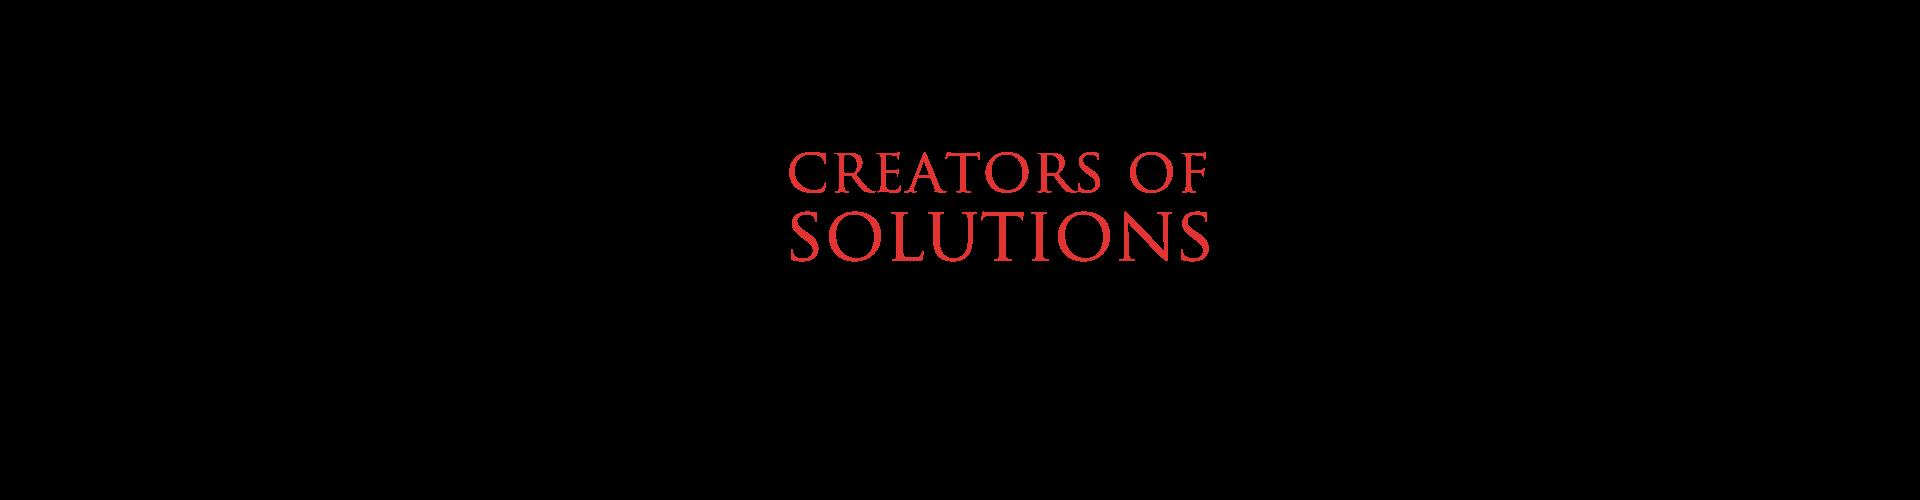 creators of solutions